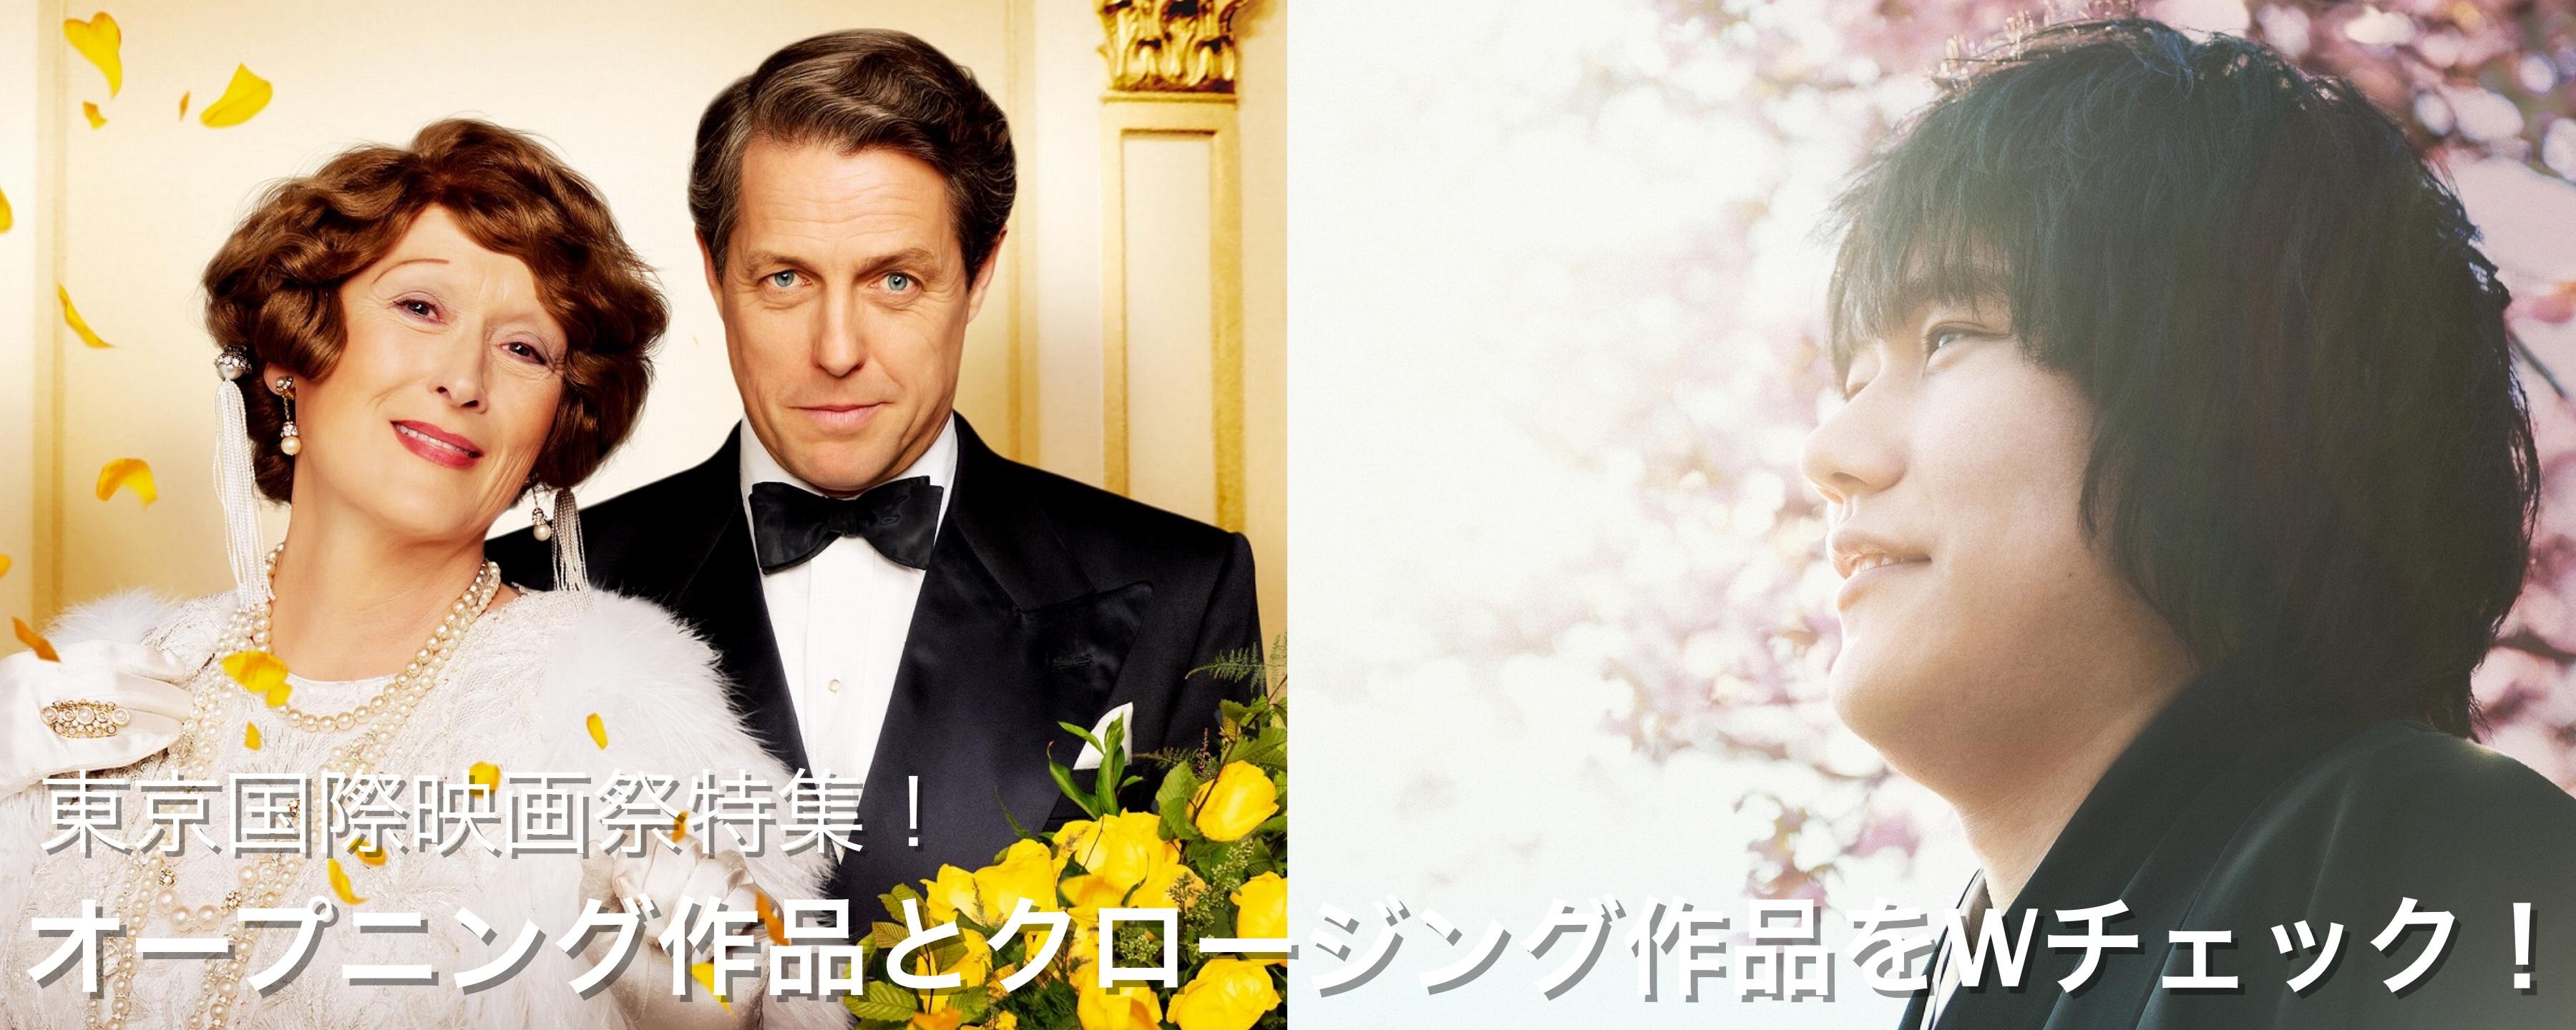 東京国際映画祭特集!オープニング作品とクロージング作品をWチェック!